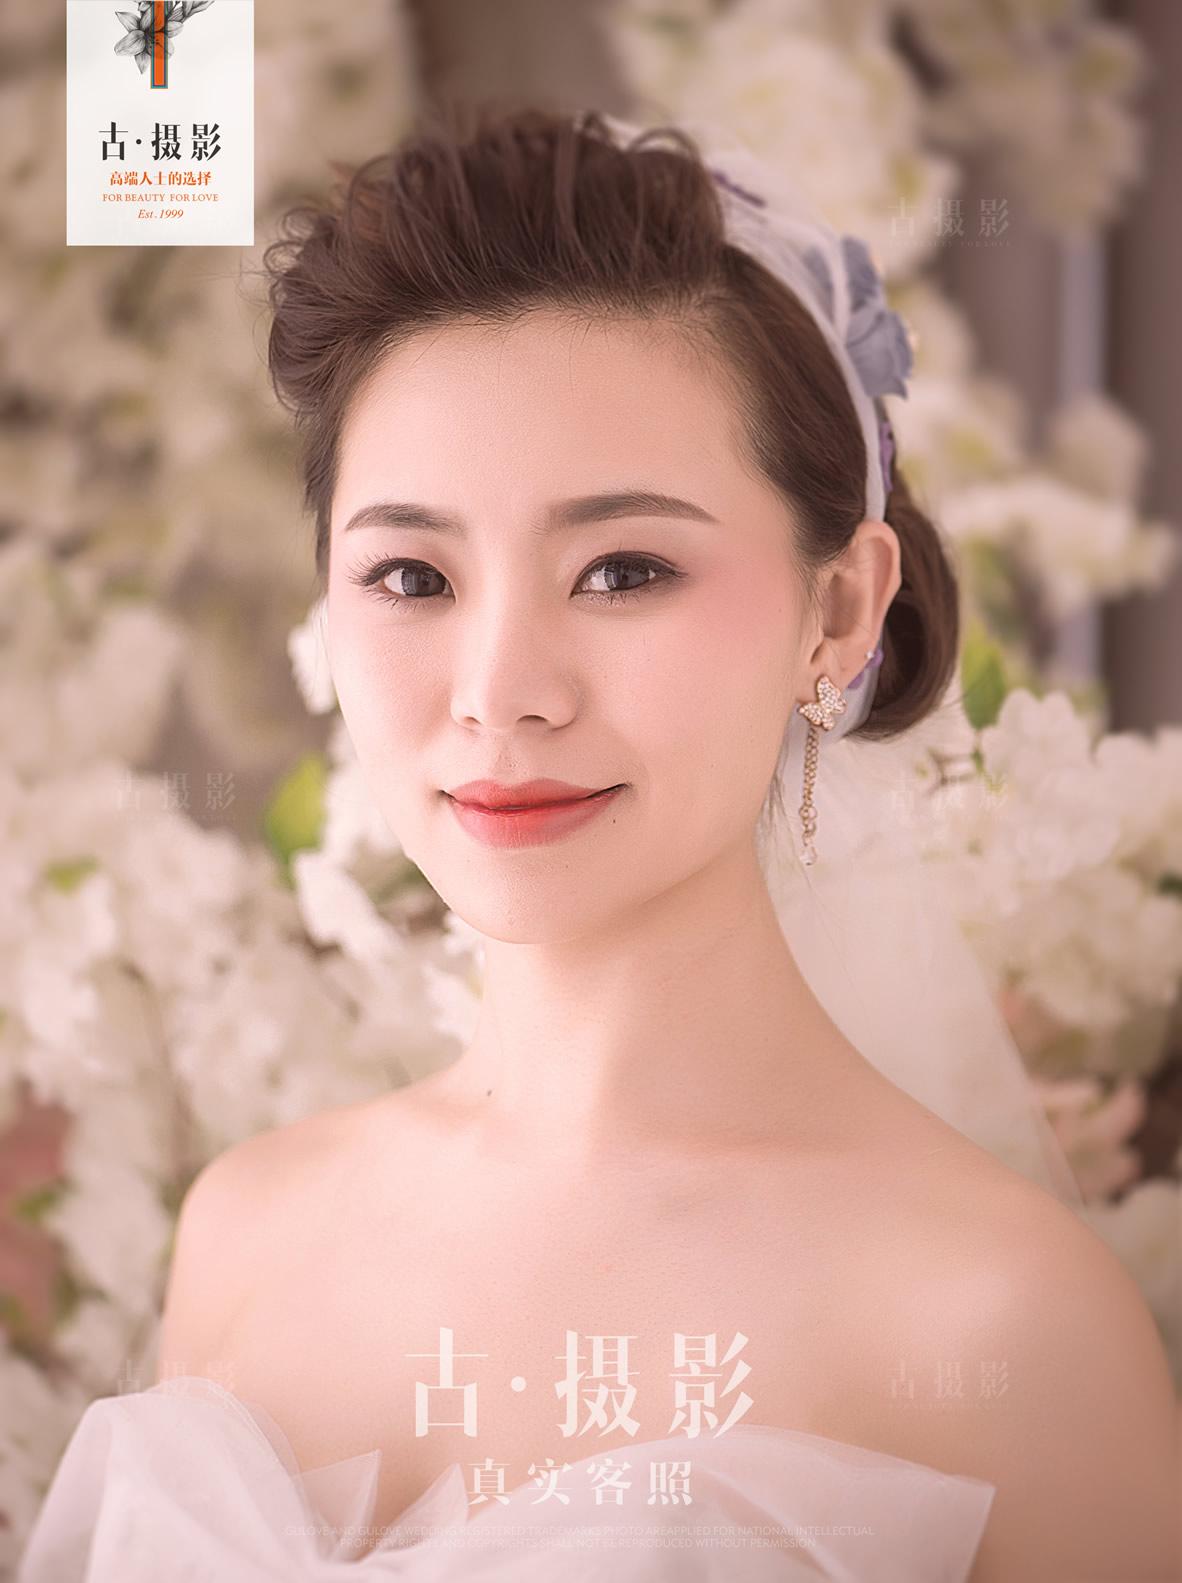 9月21日客片杨先生 刘畅 - 每日客照 - 古摄影婚纱艺术-古摄影成都婚纱摄影艺术摄影网